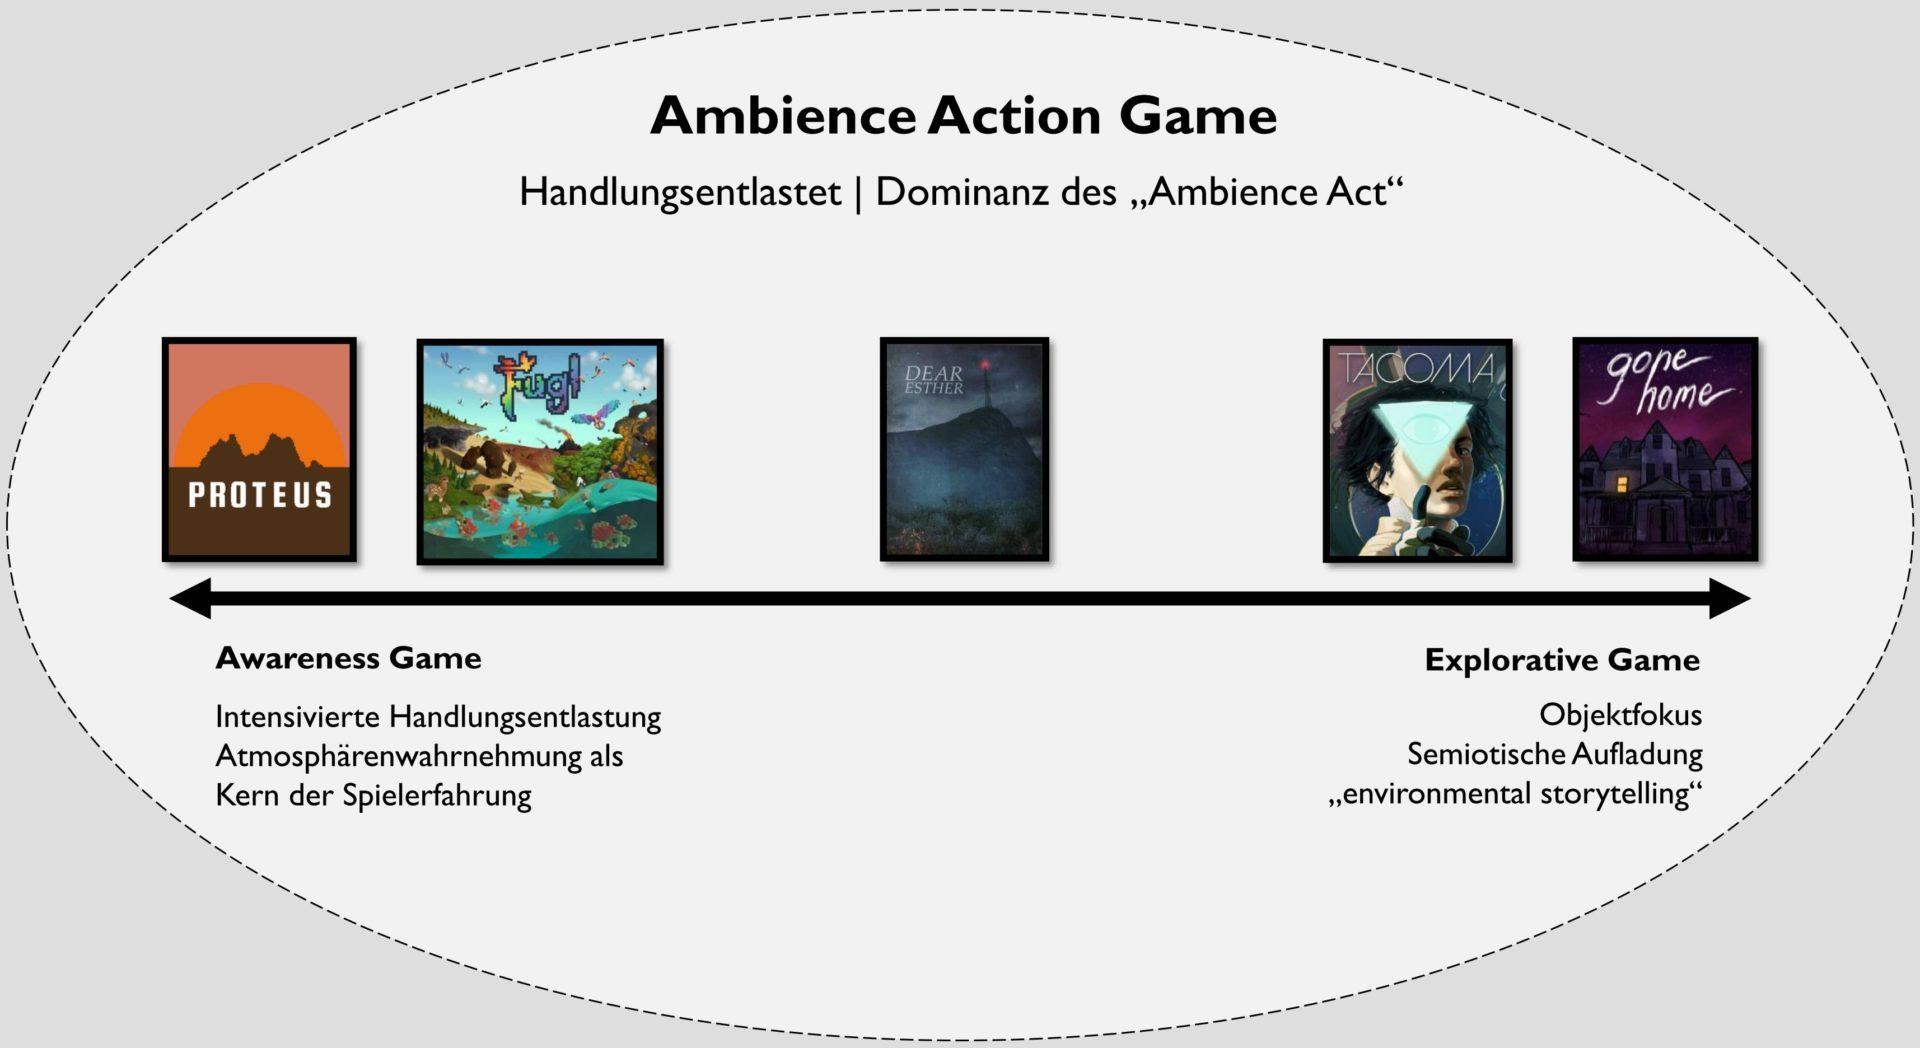 """Das Ambience Action Game und seine Subgenres. Diesen Begriffsdreiklang haben Christian Huberts und ich entwickelt. Einige prominente Vertreter des Genres sind hier grob den beiden Polen """"Awareness Game"""" und """"Explorative Game"""" zugeordnet. Eine ausführliche Herleitung und Differenzierung der Begriffe findet sich in meiner Masterarbeit."""